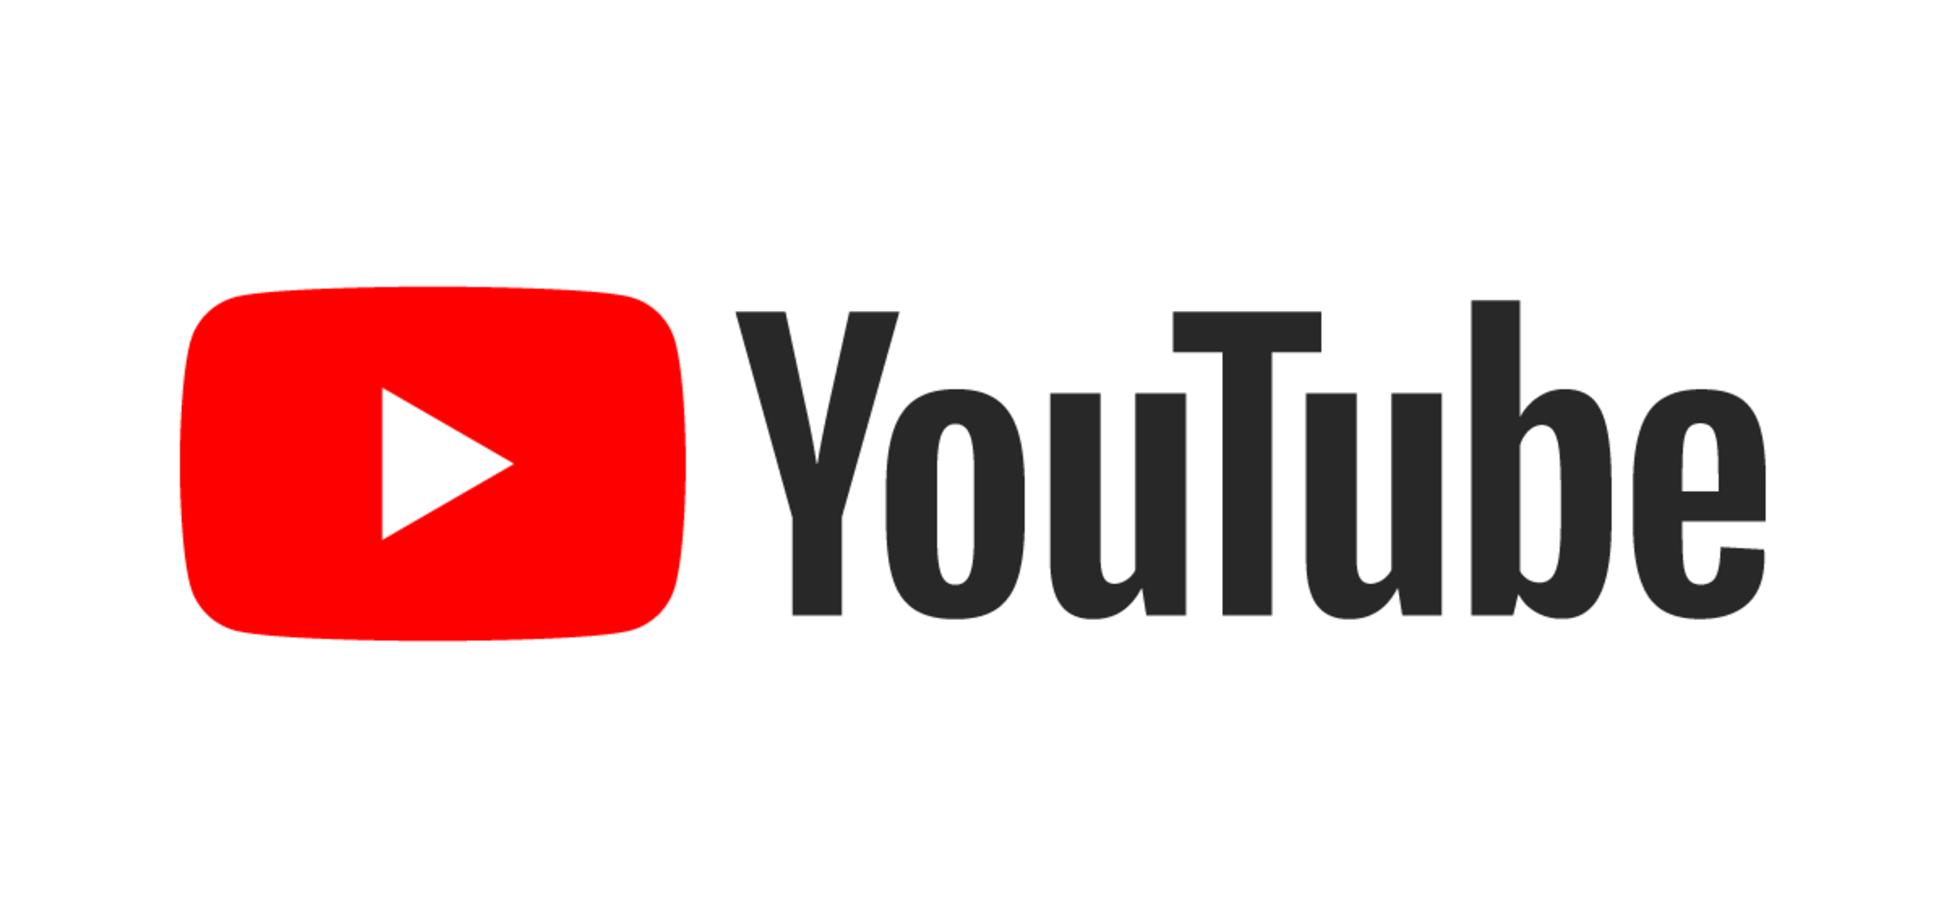 YouTube виповнюється 15 років: топ-15 невідомих фактів про найпопулярніший відеохостинг